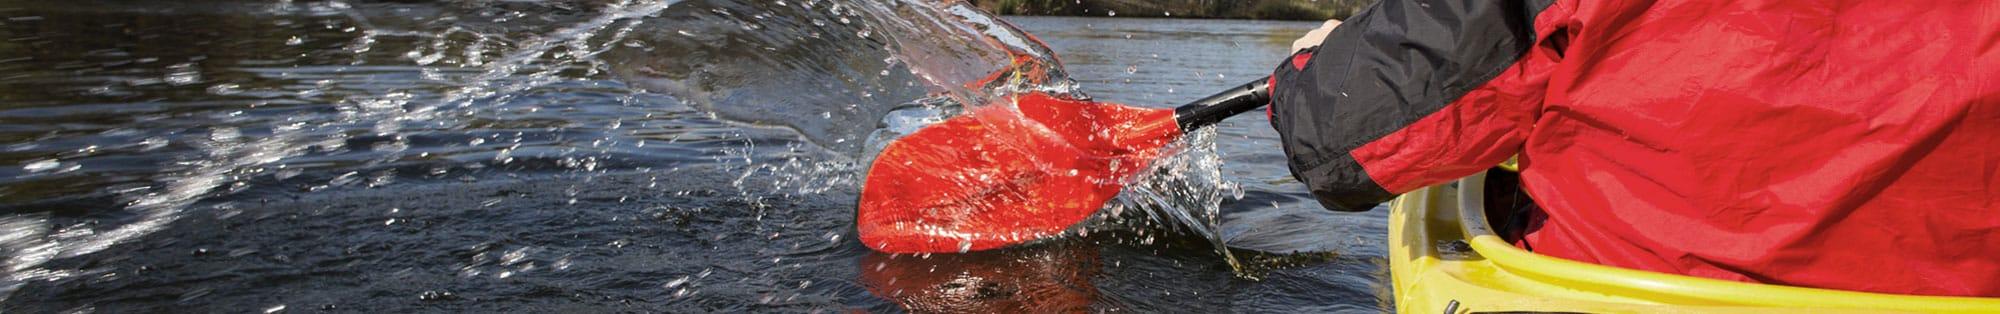 kayak splashing paddle